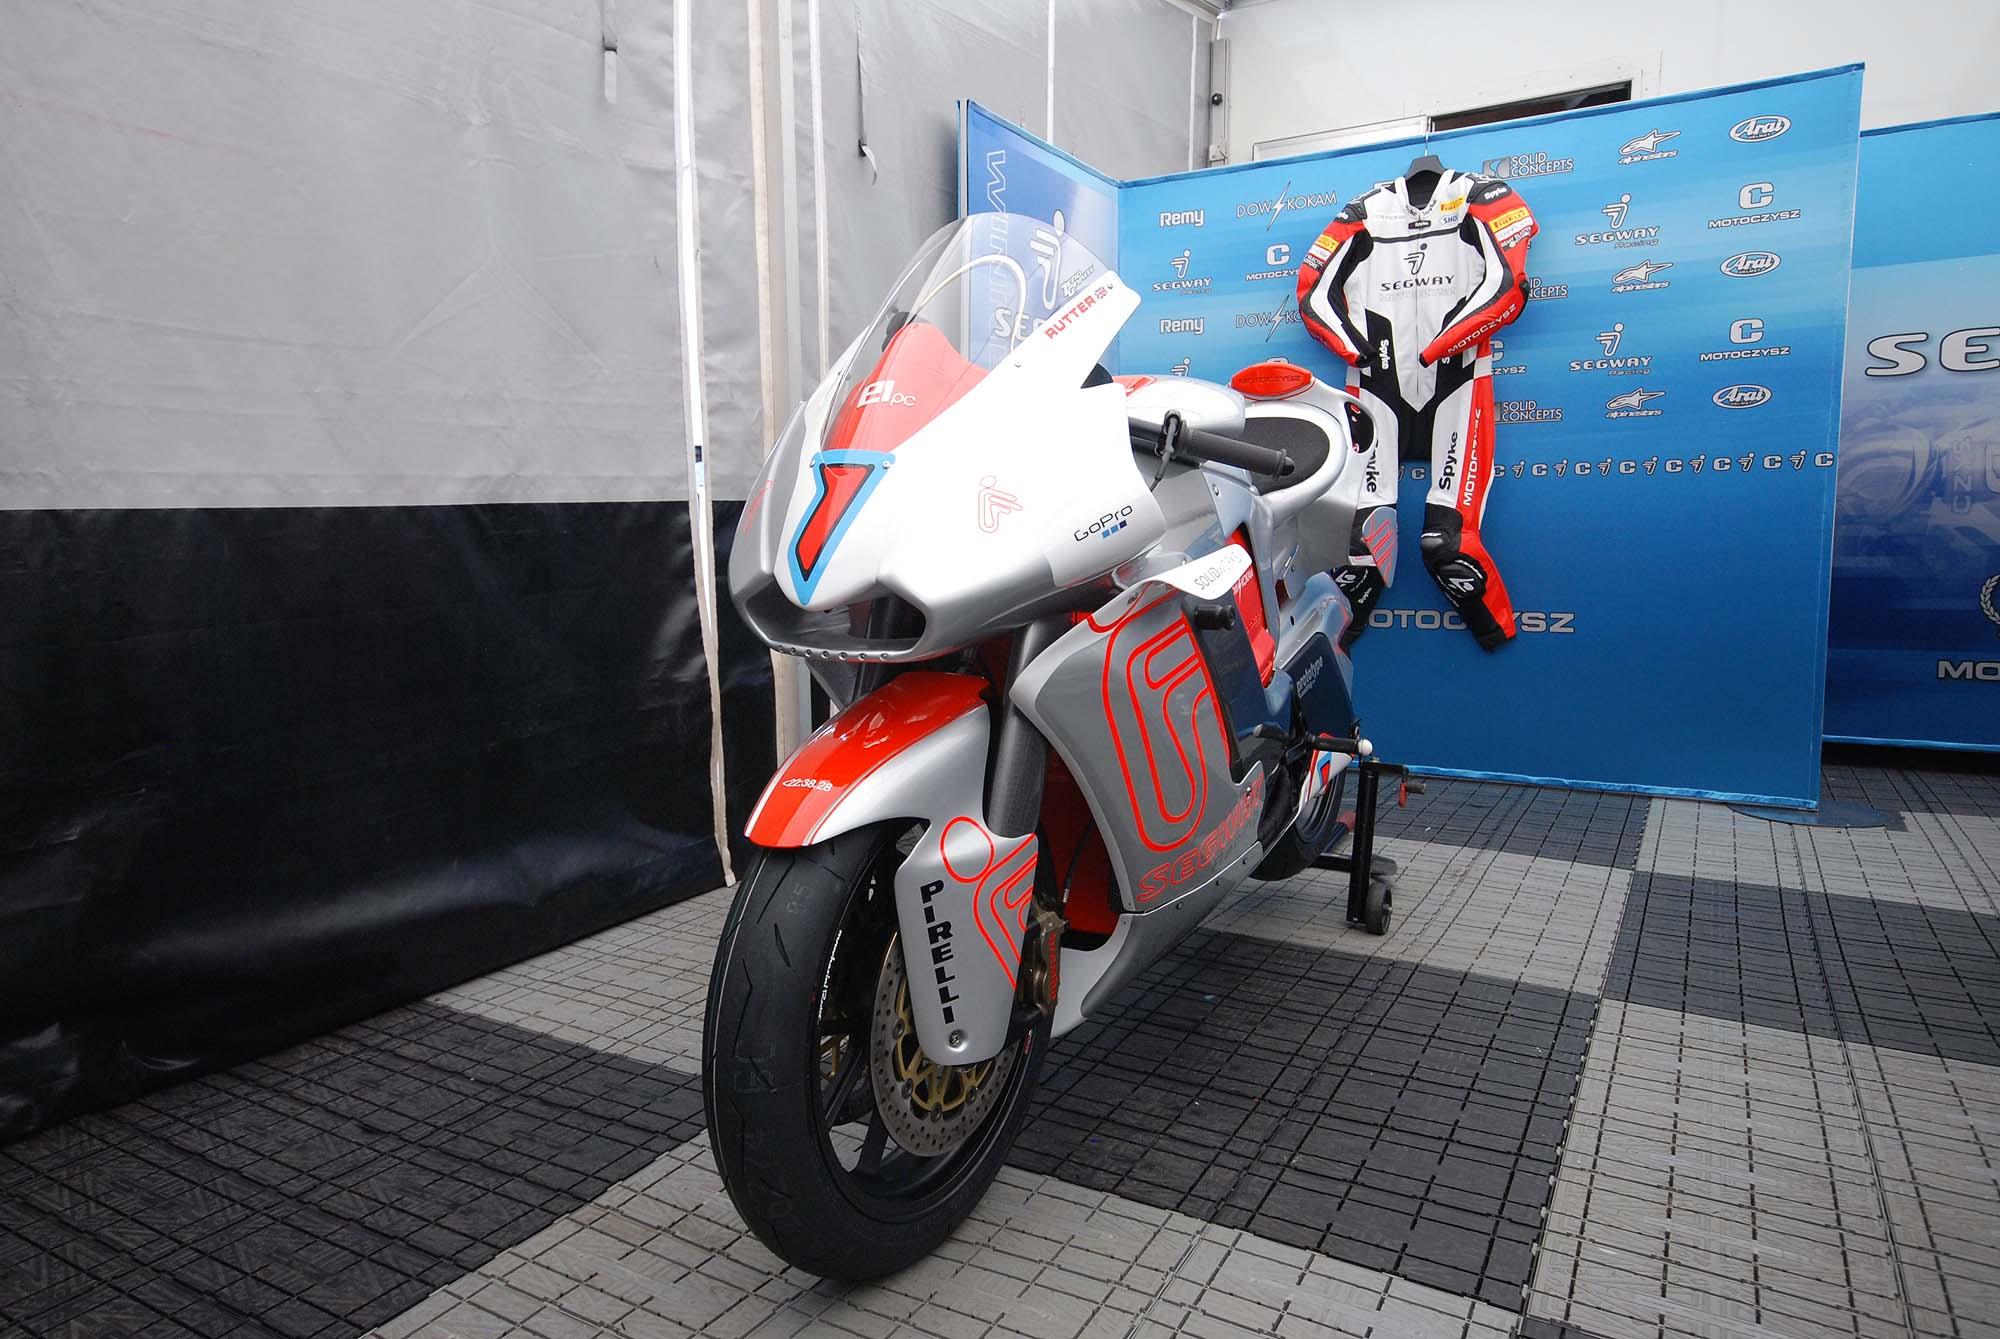 TT Ile de Man 2012-motoczysz-e1pc-iomtt-pit-11